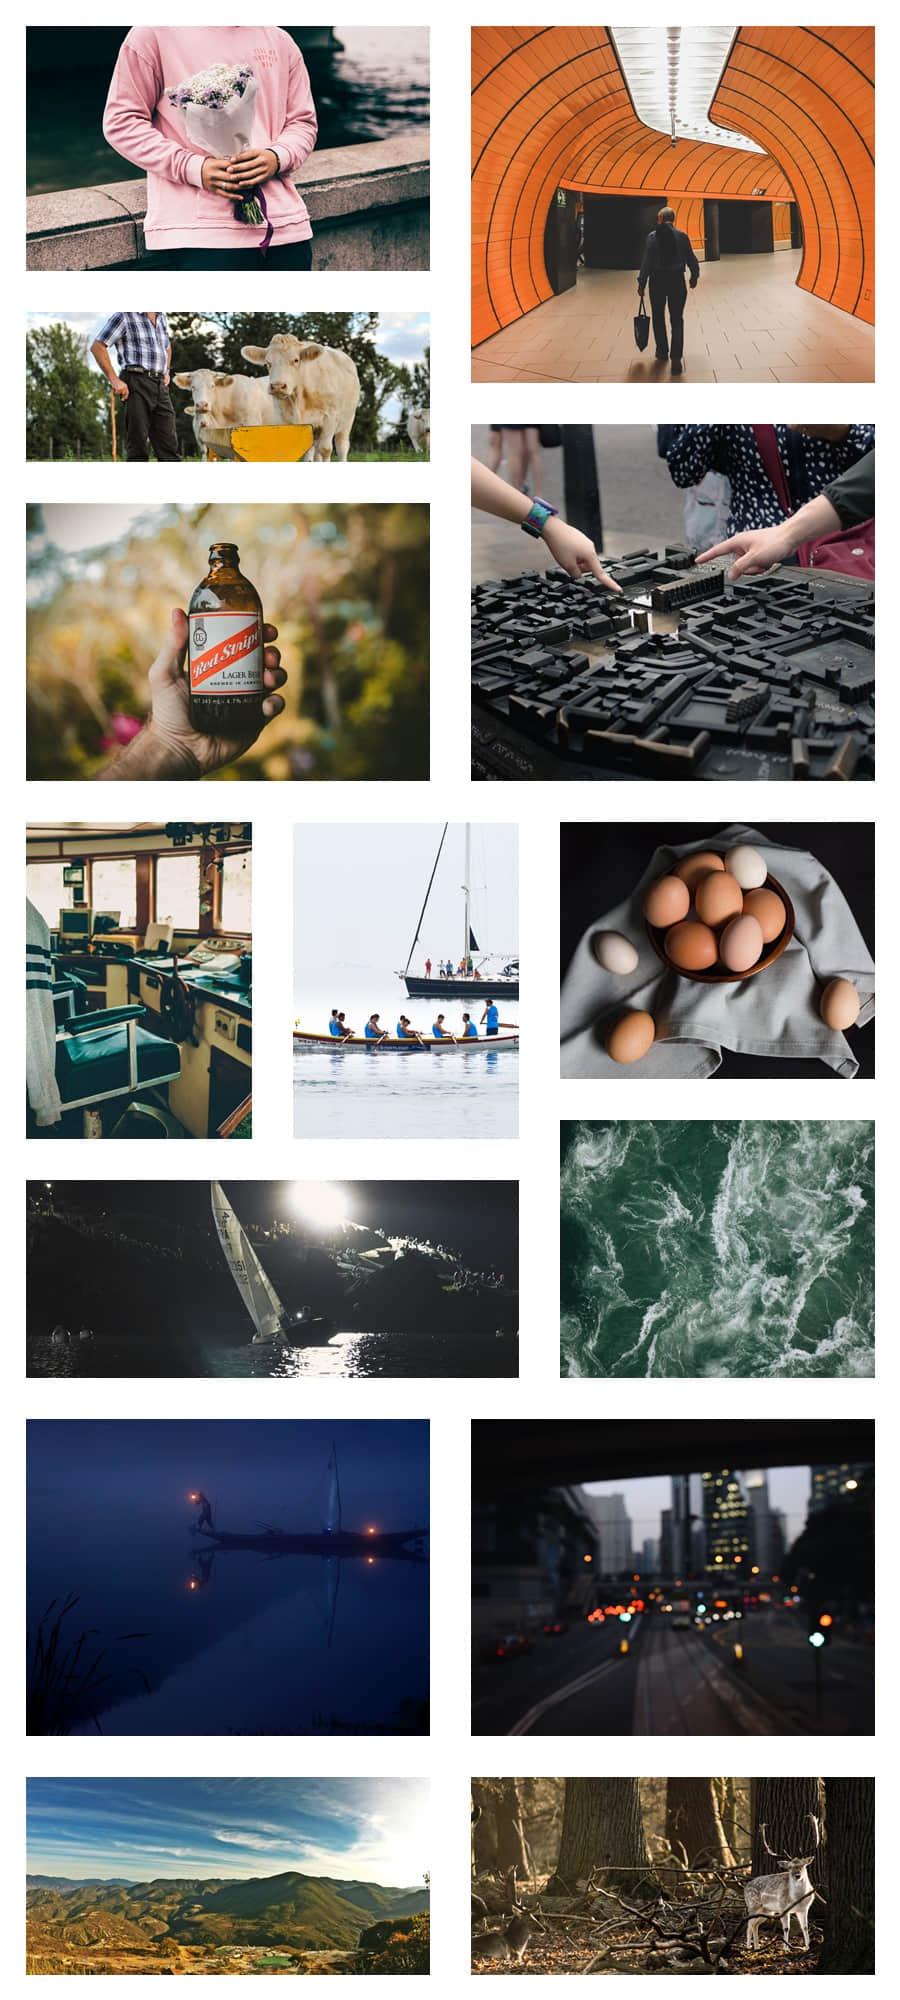 CollageIt Pro 圖片拼貼工具